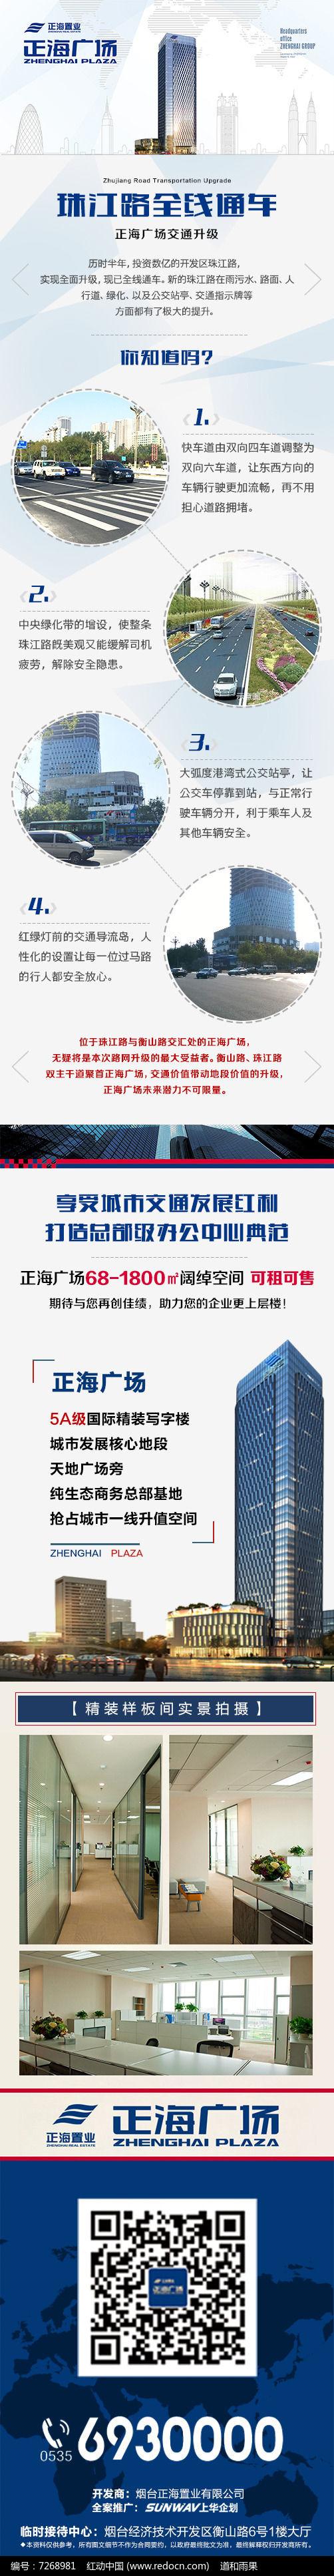 微信交通地产广告模板图片